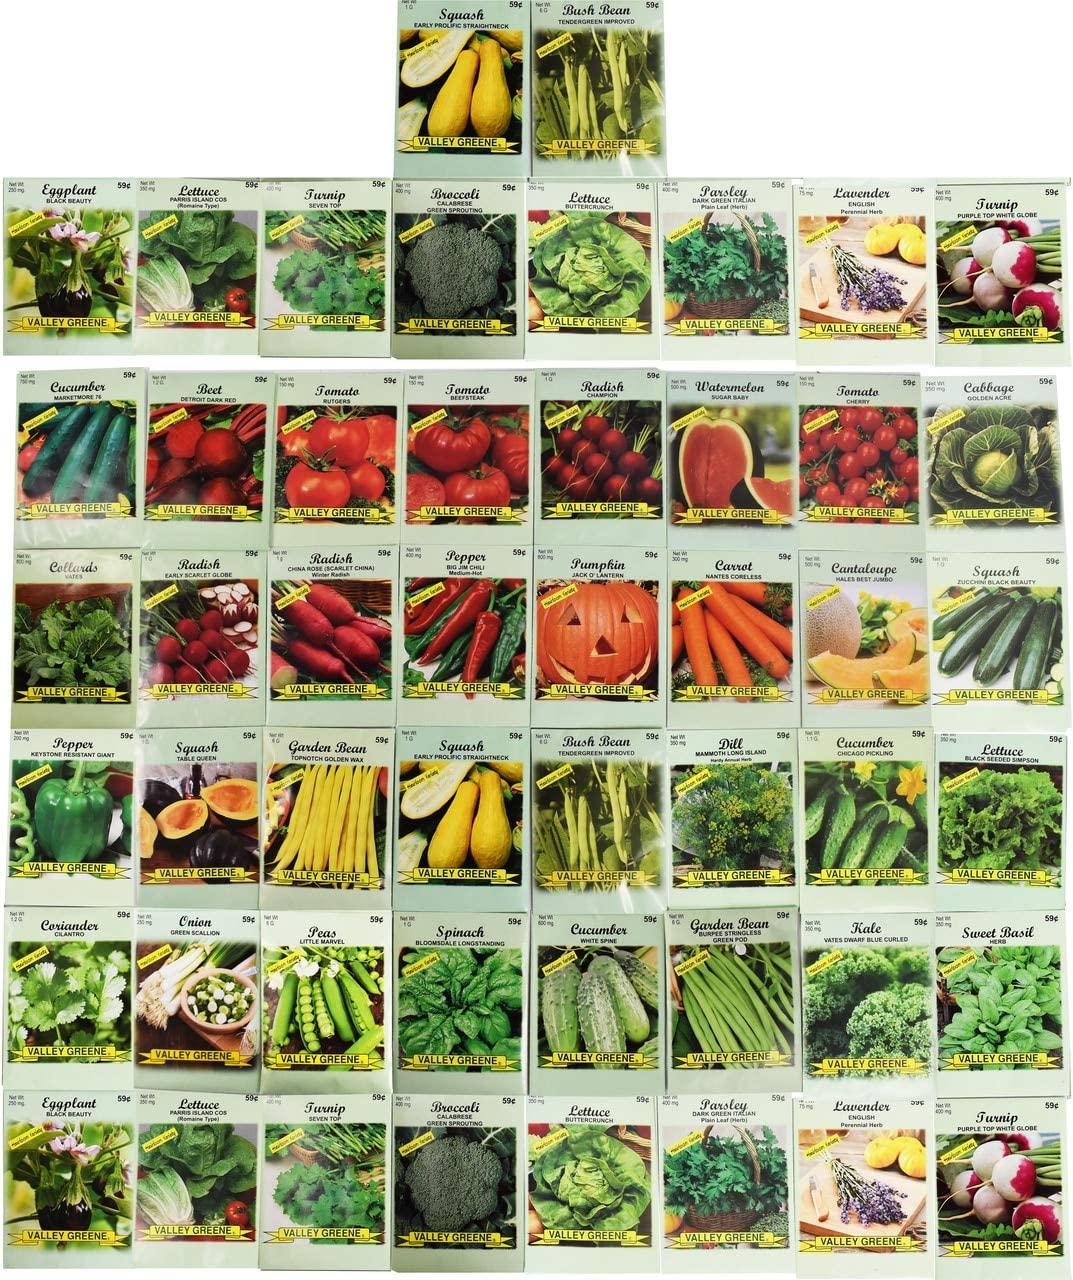 Black Duck 50 Packs Assorted Heirloom Vegetable Seeds